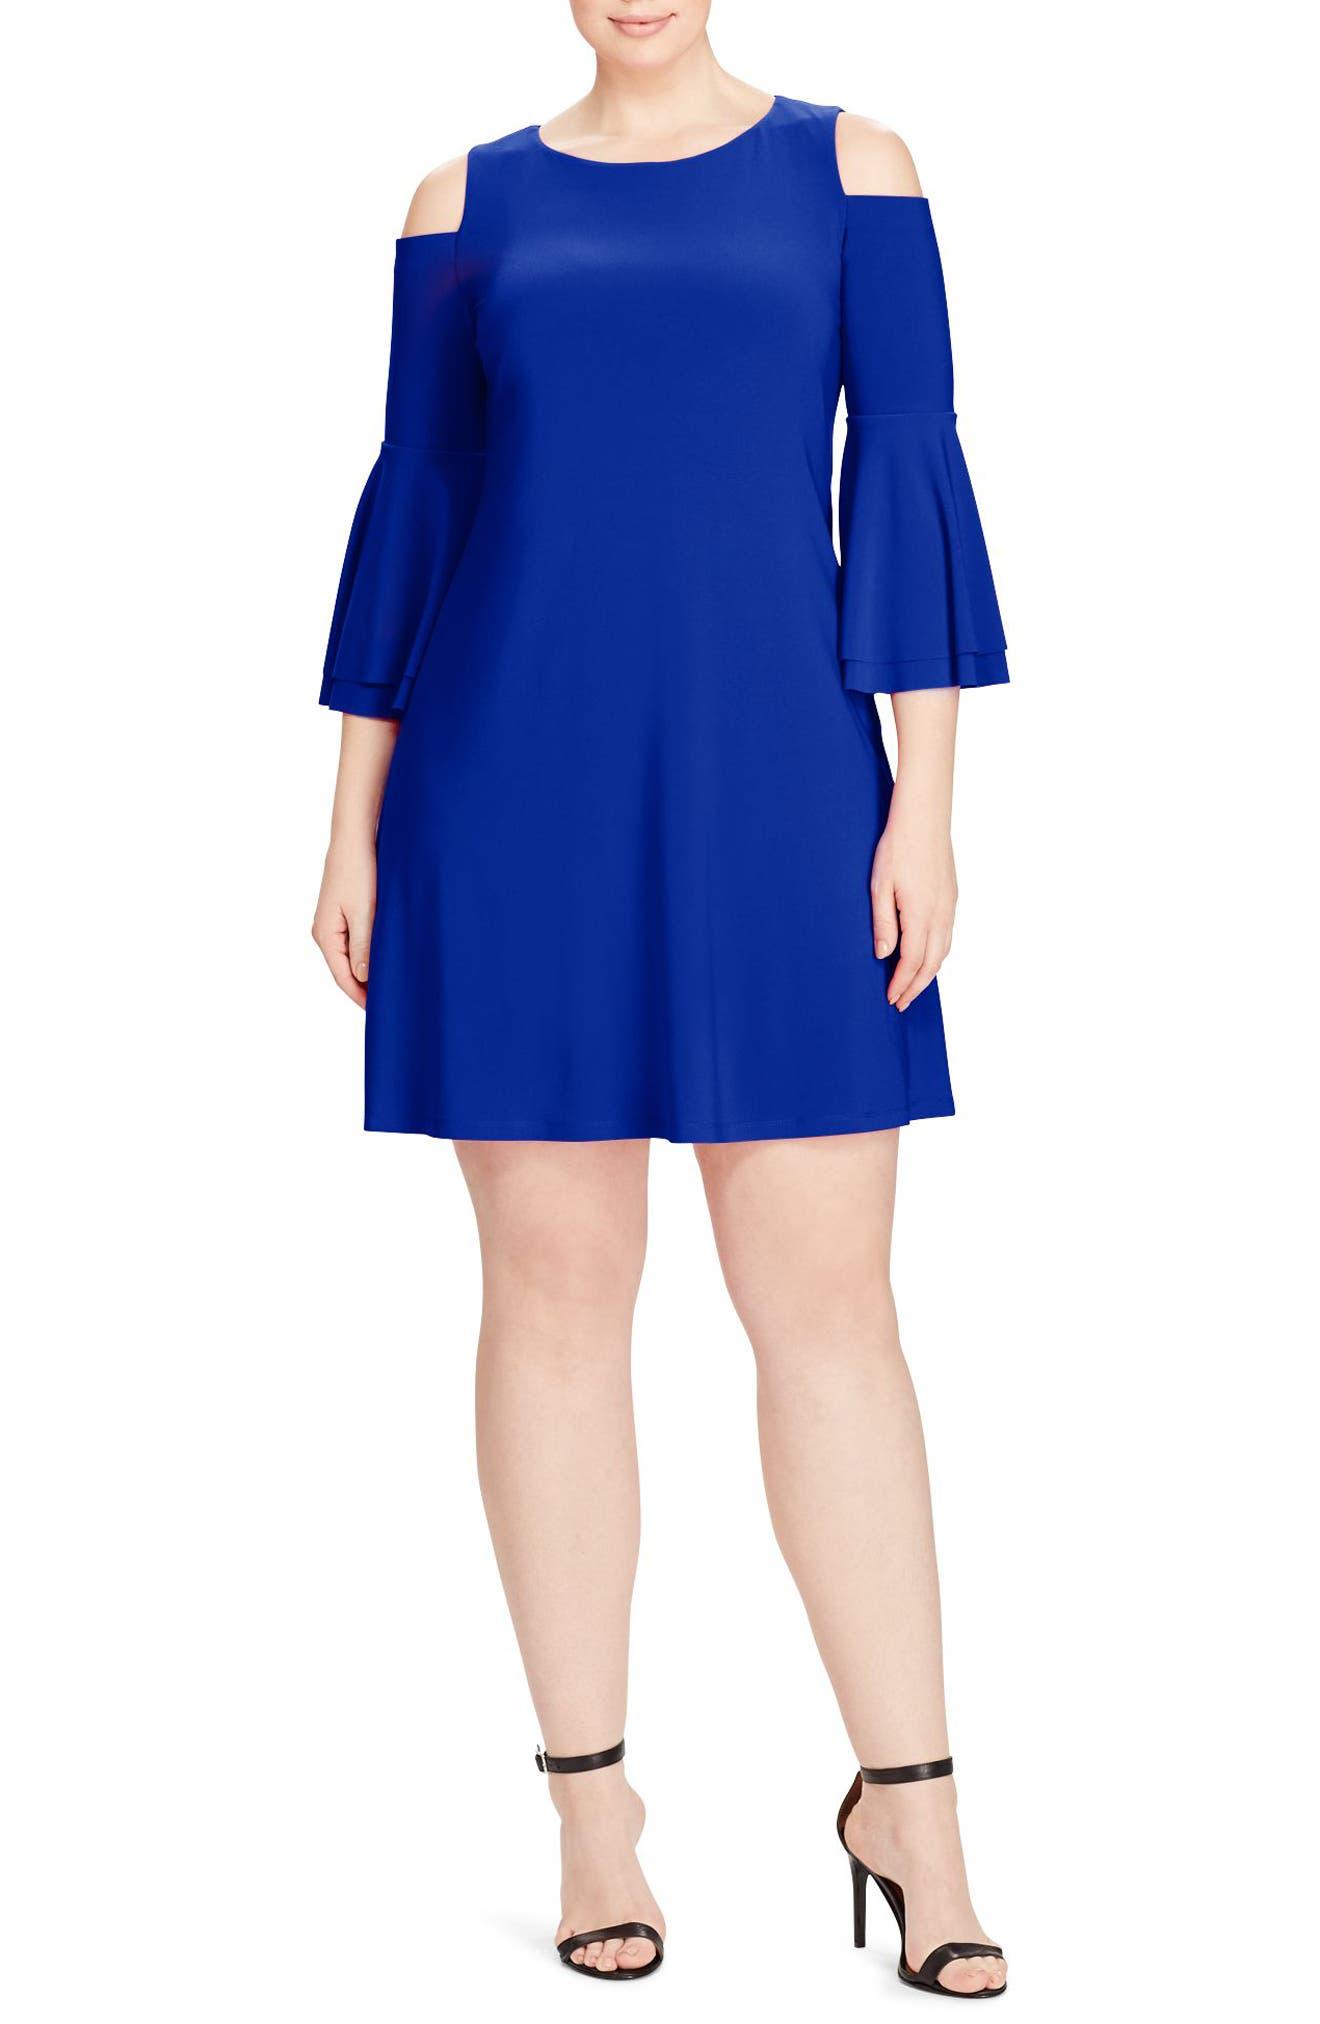 Main Image - Lauren Ralph Lauren Cold Shoulder Bell Sleeve Jersey Dress (Plus Size)